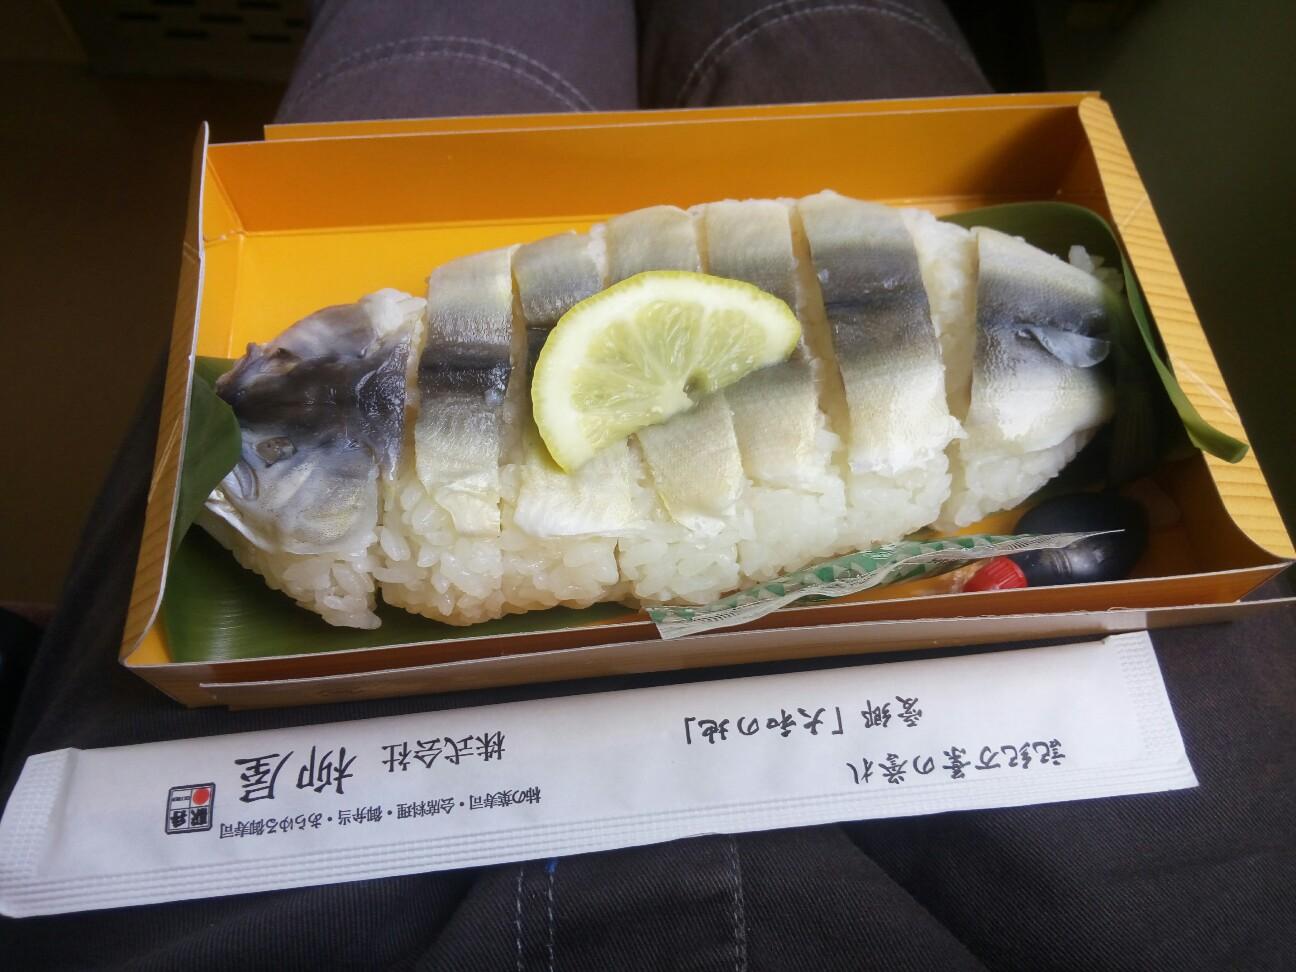 f:id:Osakaloopline:20171009020026j:image